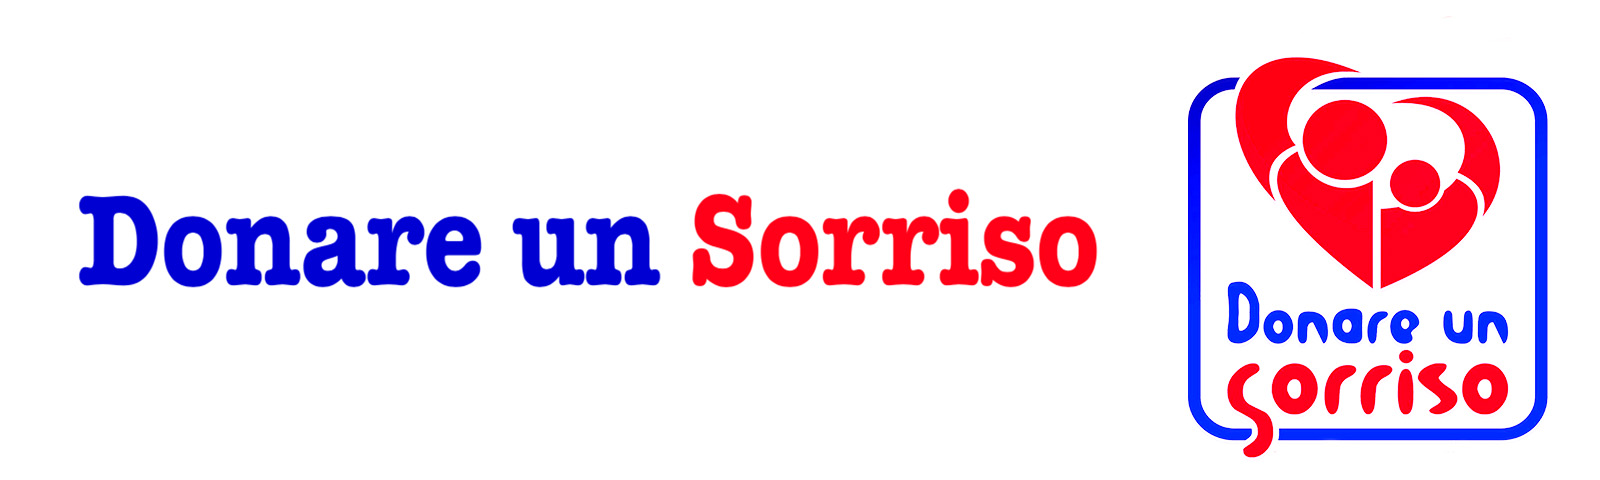 2005-2021 Donare un Sorriso – www.donareunsorriso.net-Email info@donareunsorriso.net – C.F. 90049210090 -IBAN: IT 73 D 06175 49251 000005593980 – Tutti i diritti sono riservati